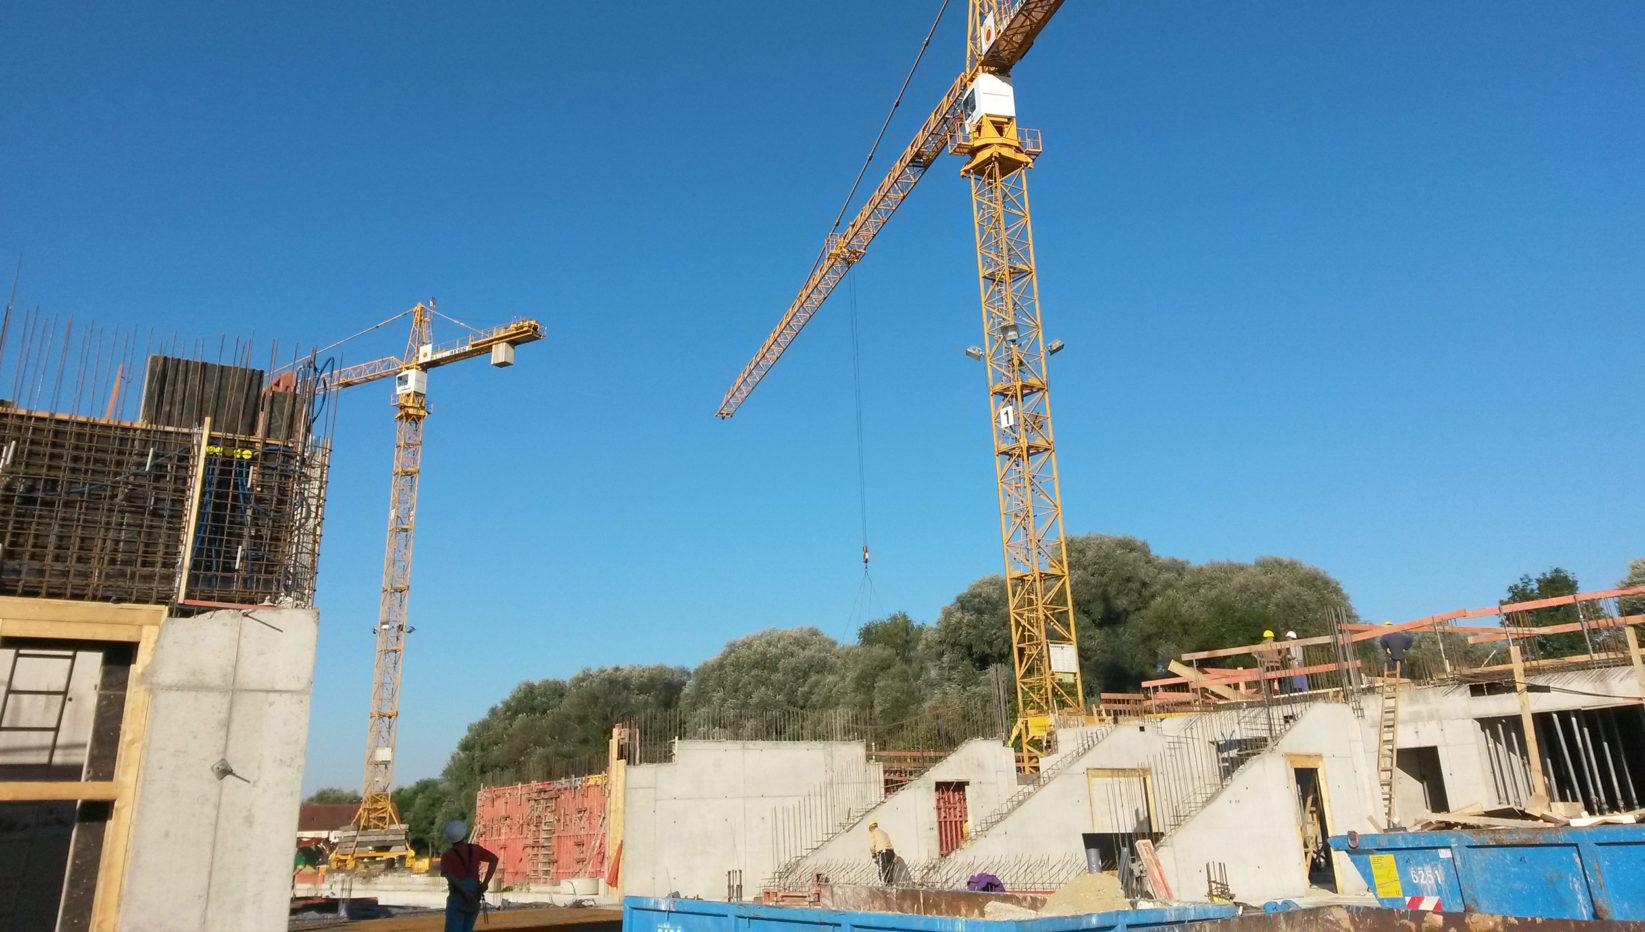 Links dargestellt ist die Ecke des Schulgebäudes, rechts sieht man den Rohbau der Aula mit Tribüne. Dahinter zwei Baukräne und Bauleiter bei der Arbeit.